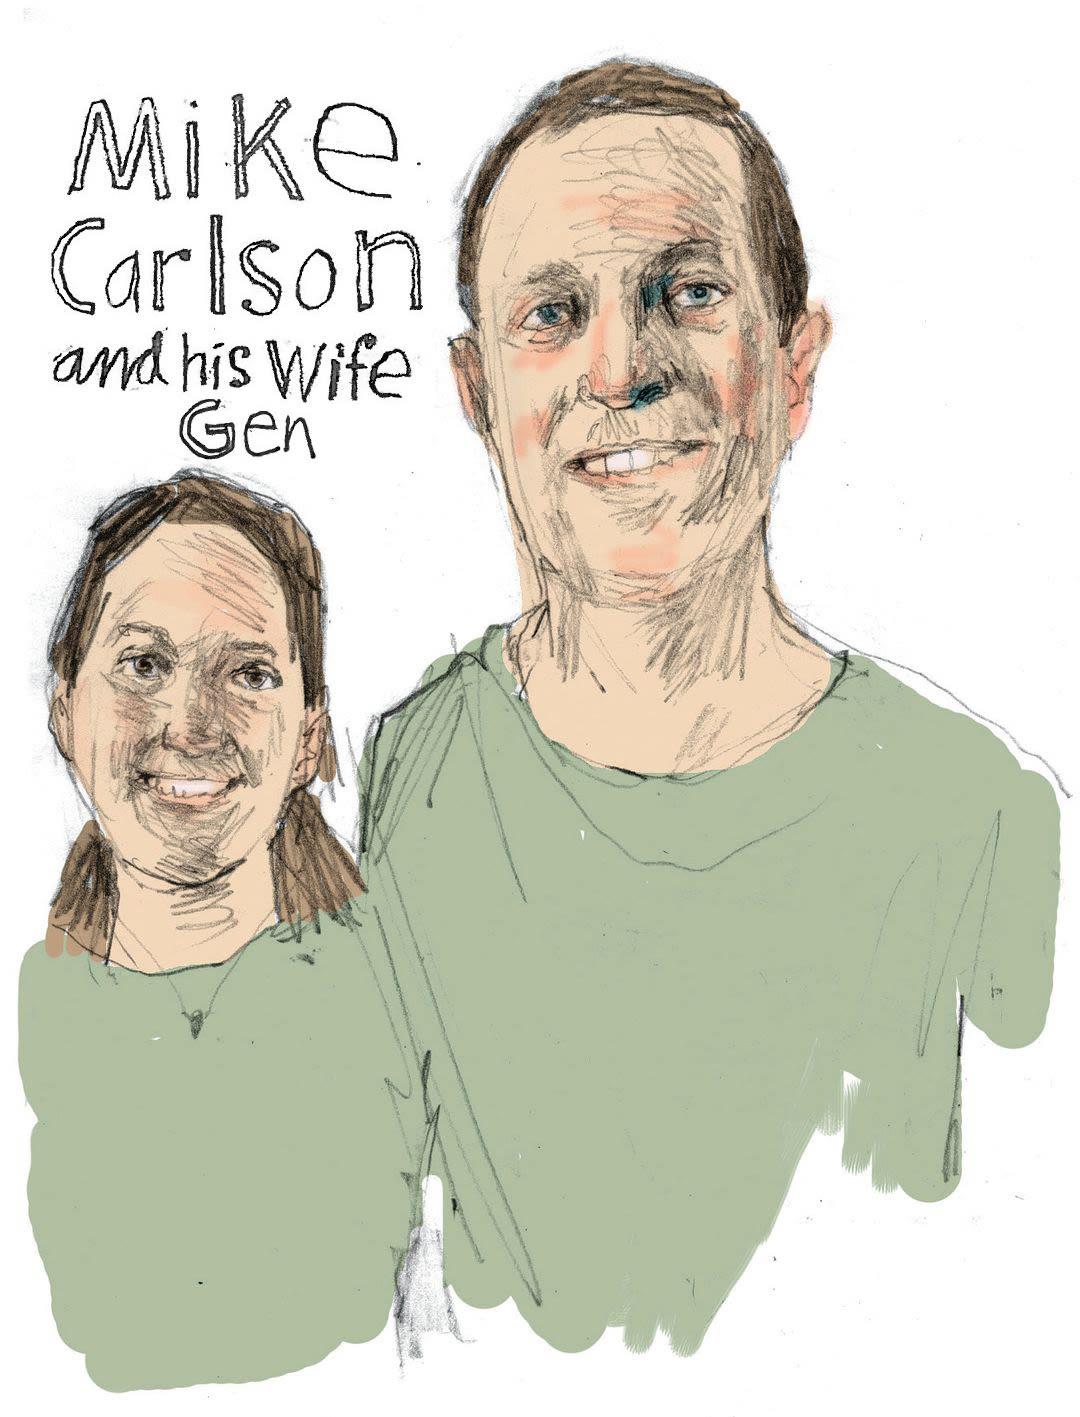 Carlson zfg0kj pxhulo